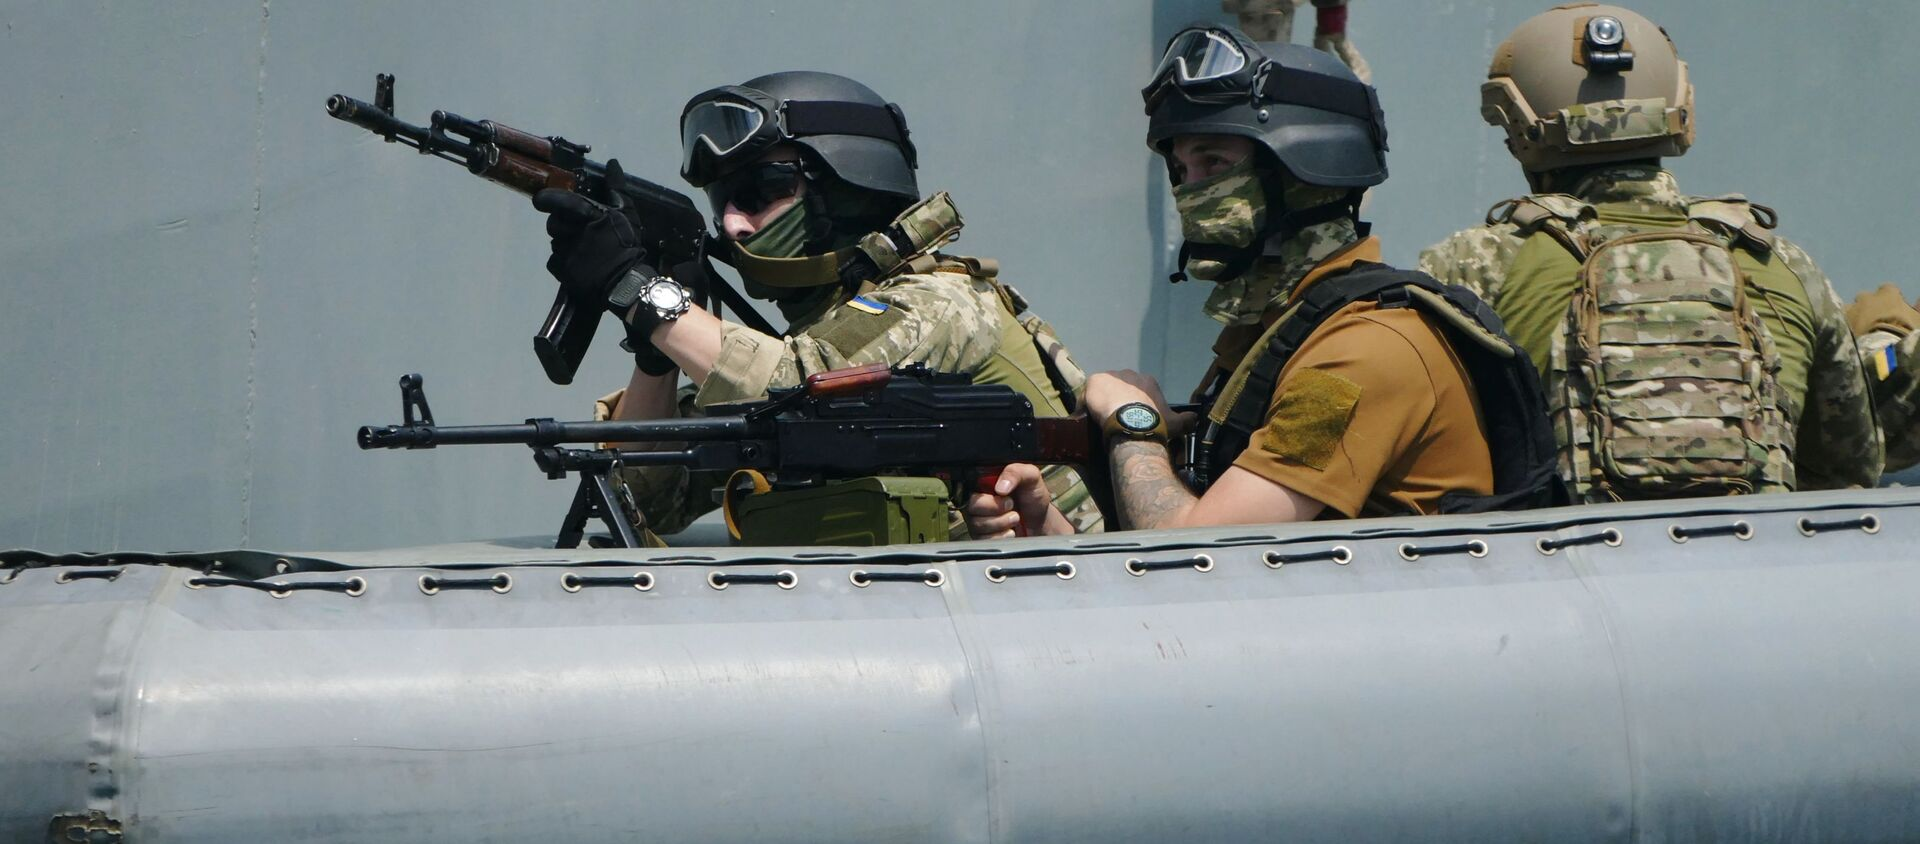 Các binh sĩ tập luyện hành động chống chiếm tàu ở Biển Đen trong khuôn khổ cuộc tập trận quốc tế Sea Breeze. - Sputnik Việt Nam, 1920, 02.06.2021